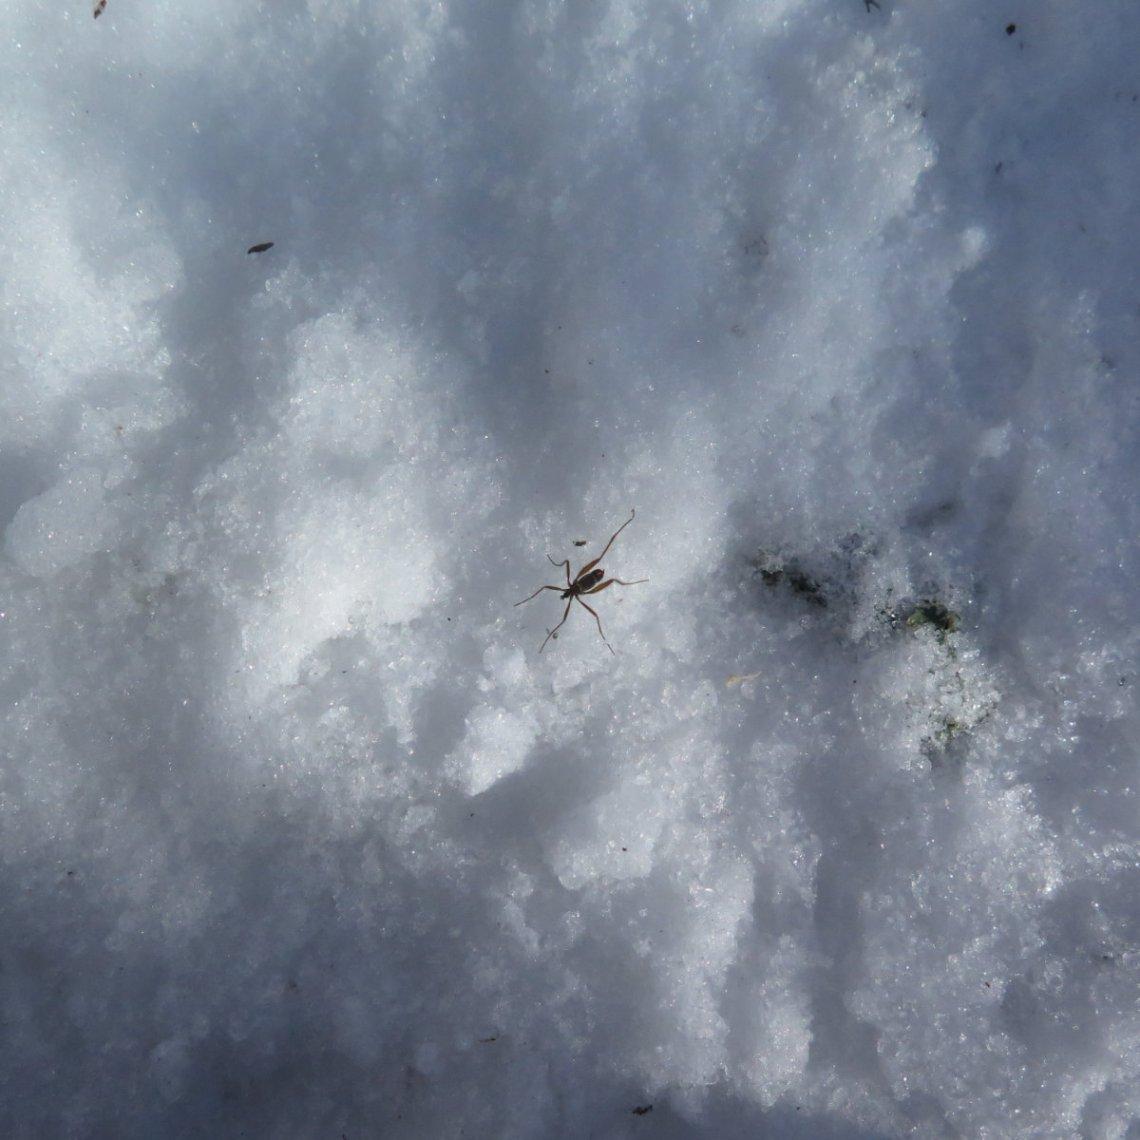 20181212-Israel-Bug